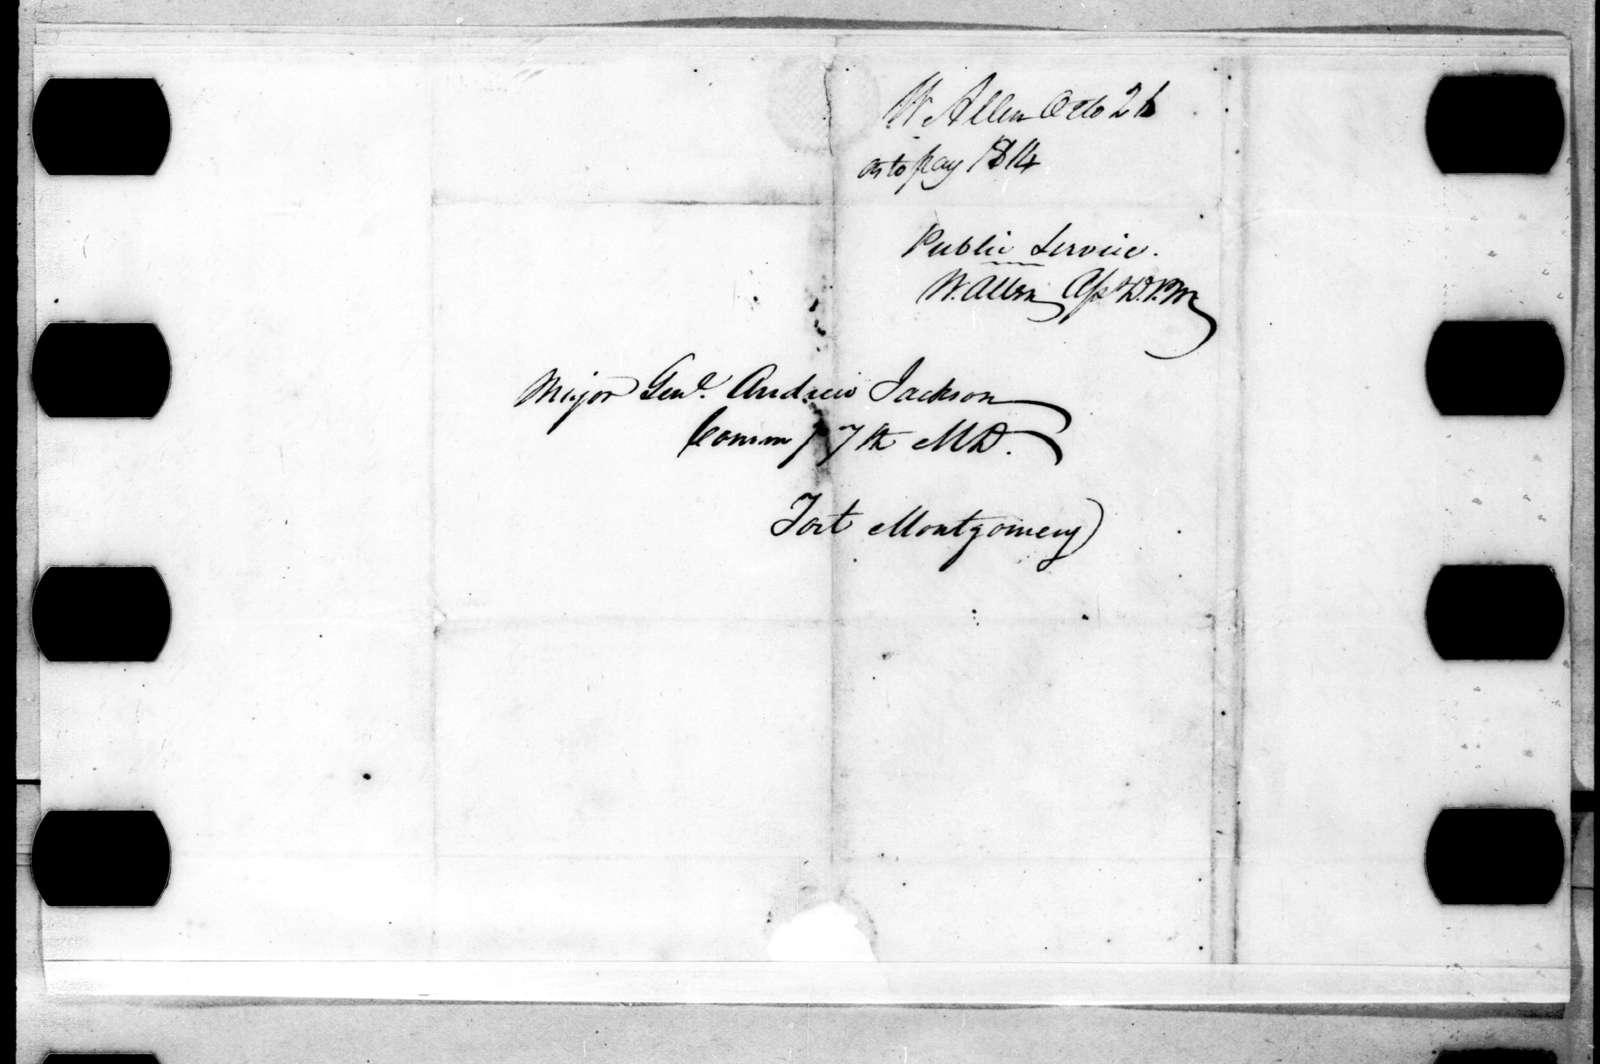 Waters Allen to Andrew Jackson, October 26, 1814